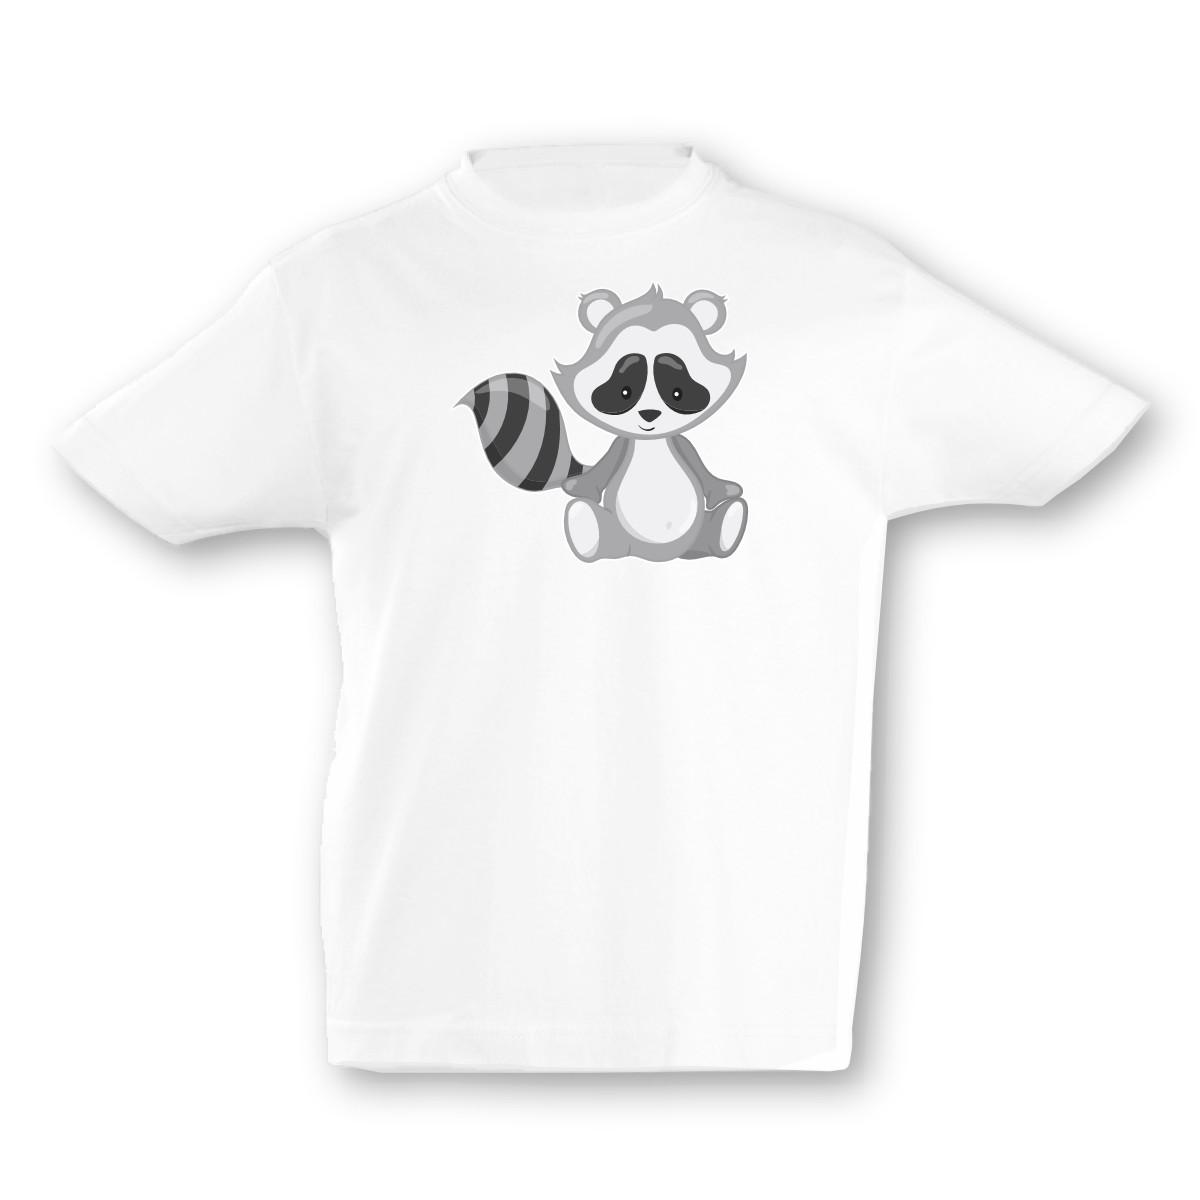 Kinder T-Shirt Süßer Waschbär 7 Farben 94 - 128 | eBay